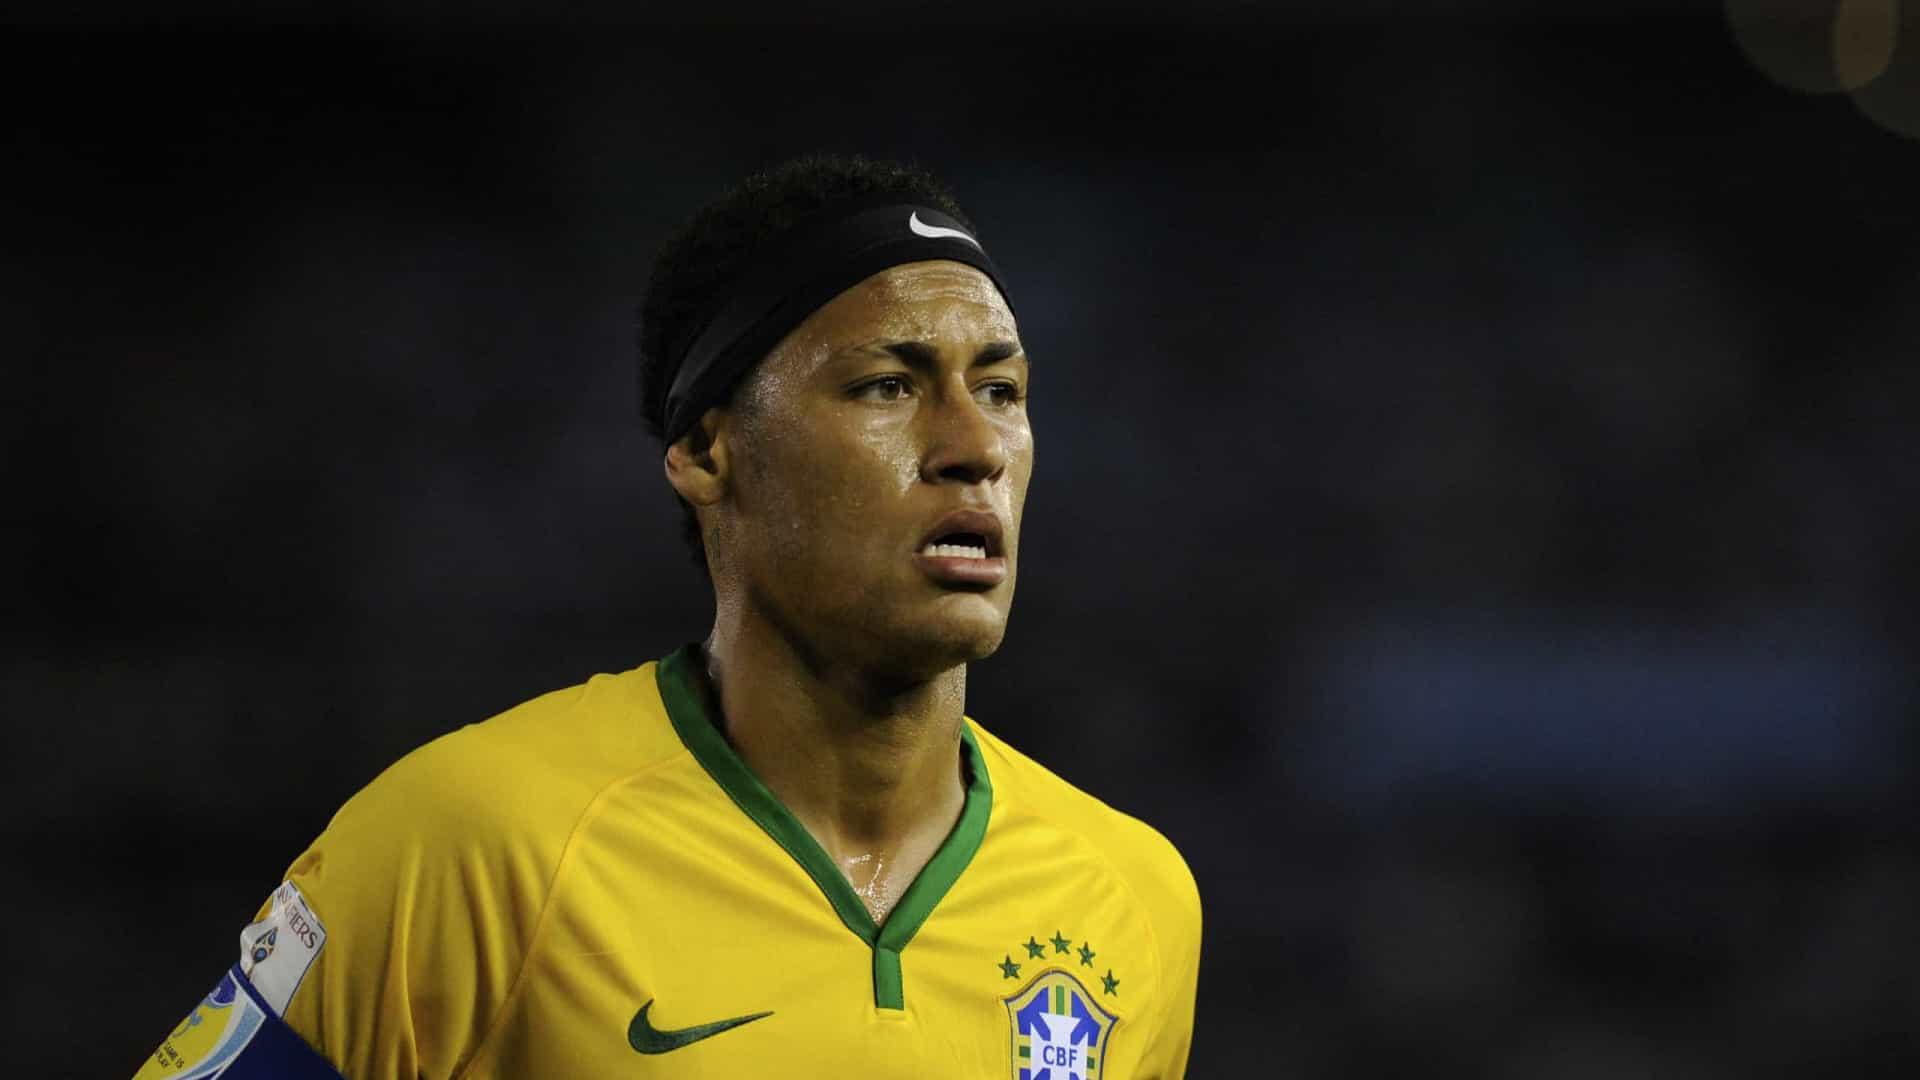 naom 5f8048c3cb4d2 - Hoje tem Brasil e Bolívia nas Eliminatórias para a Copa do Mundo